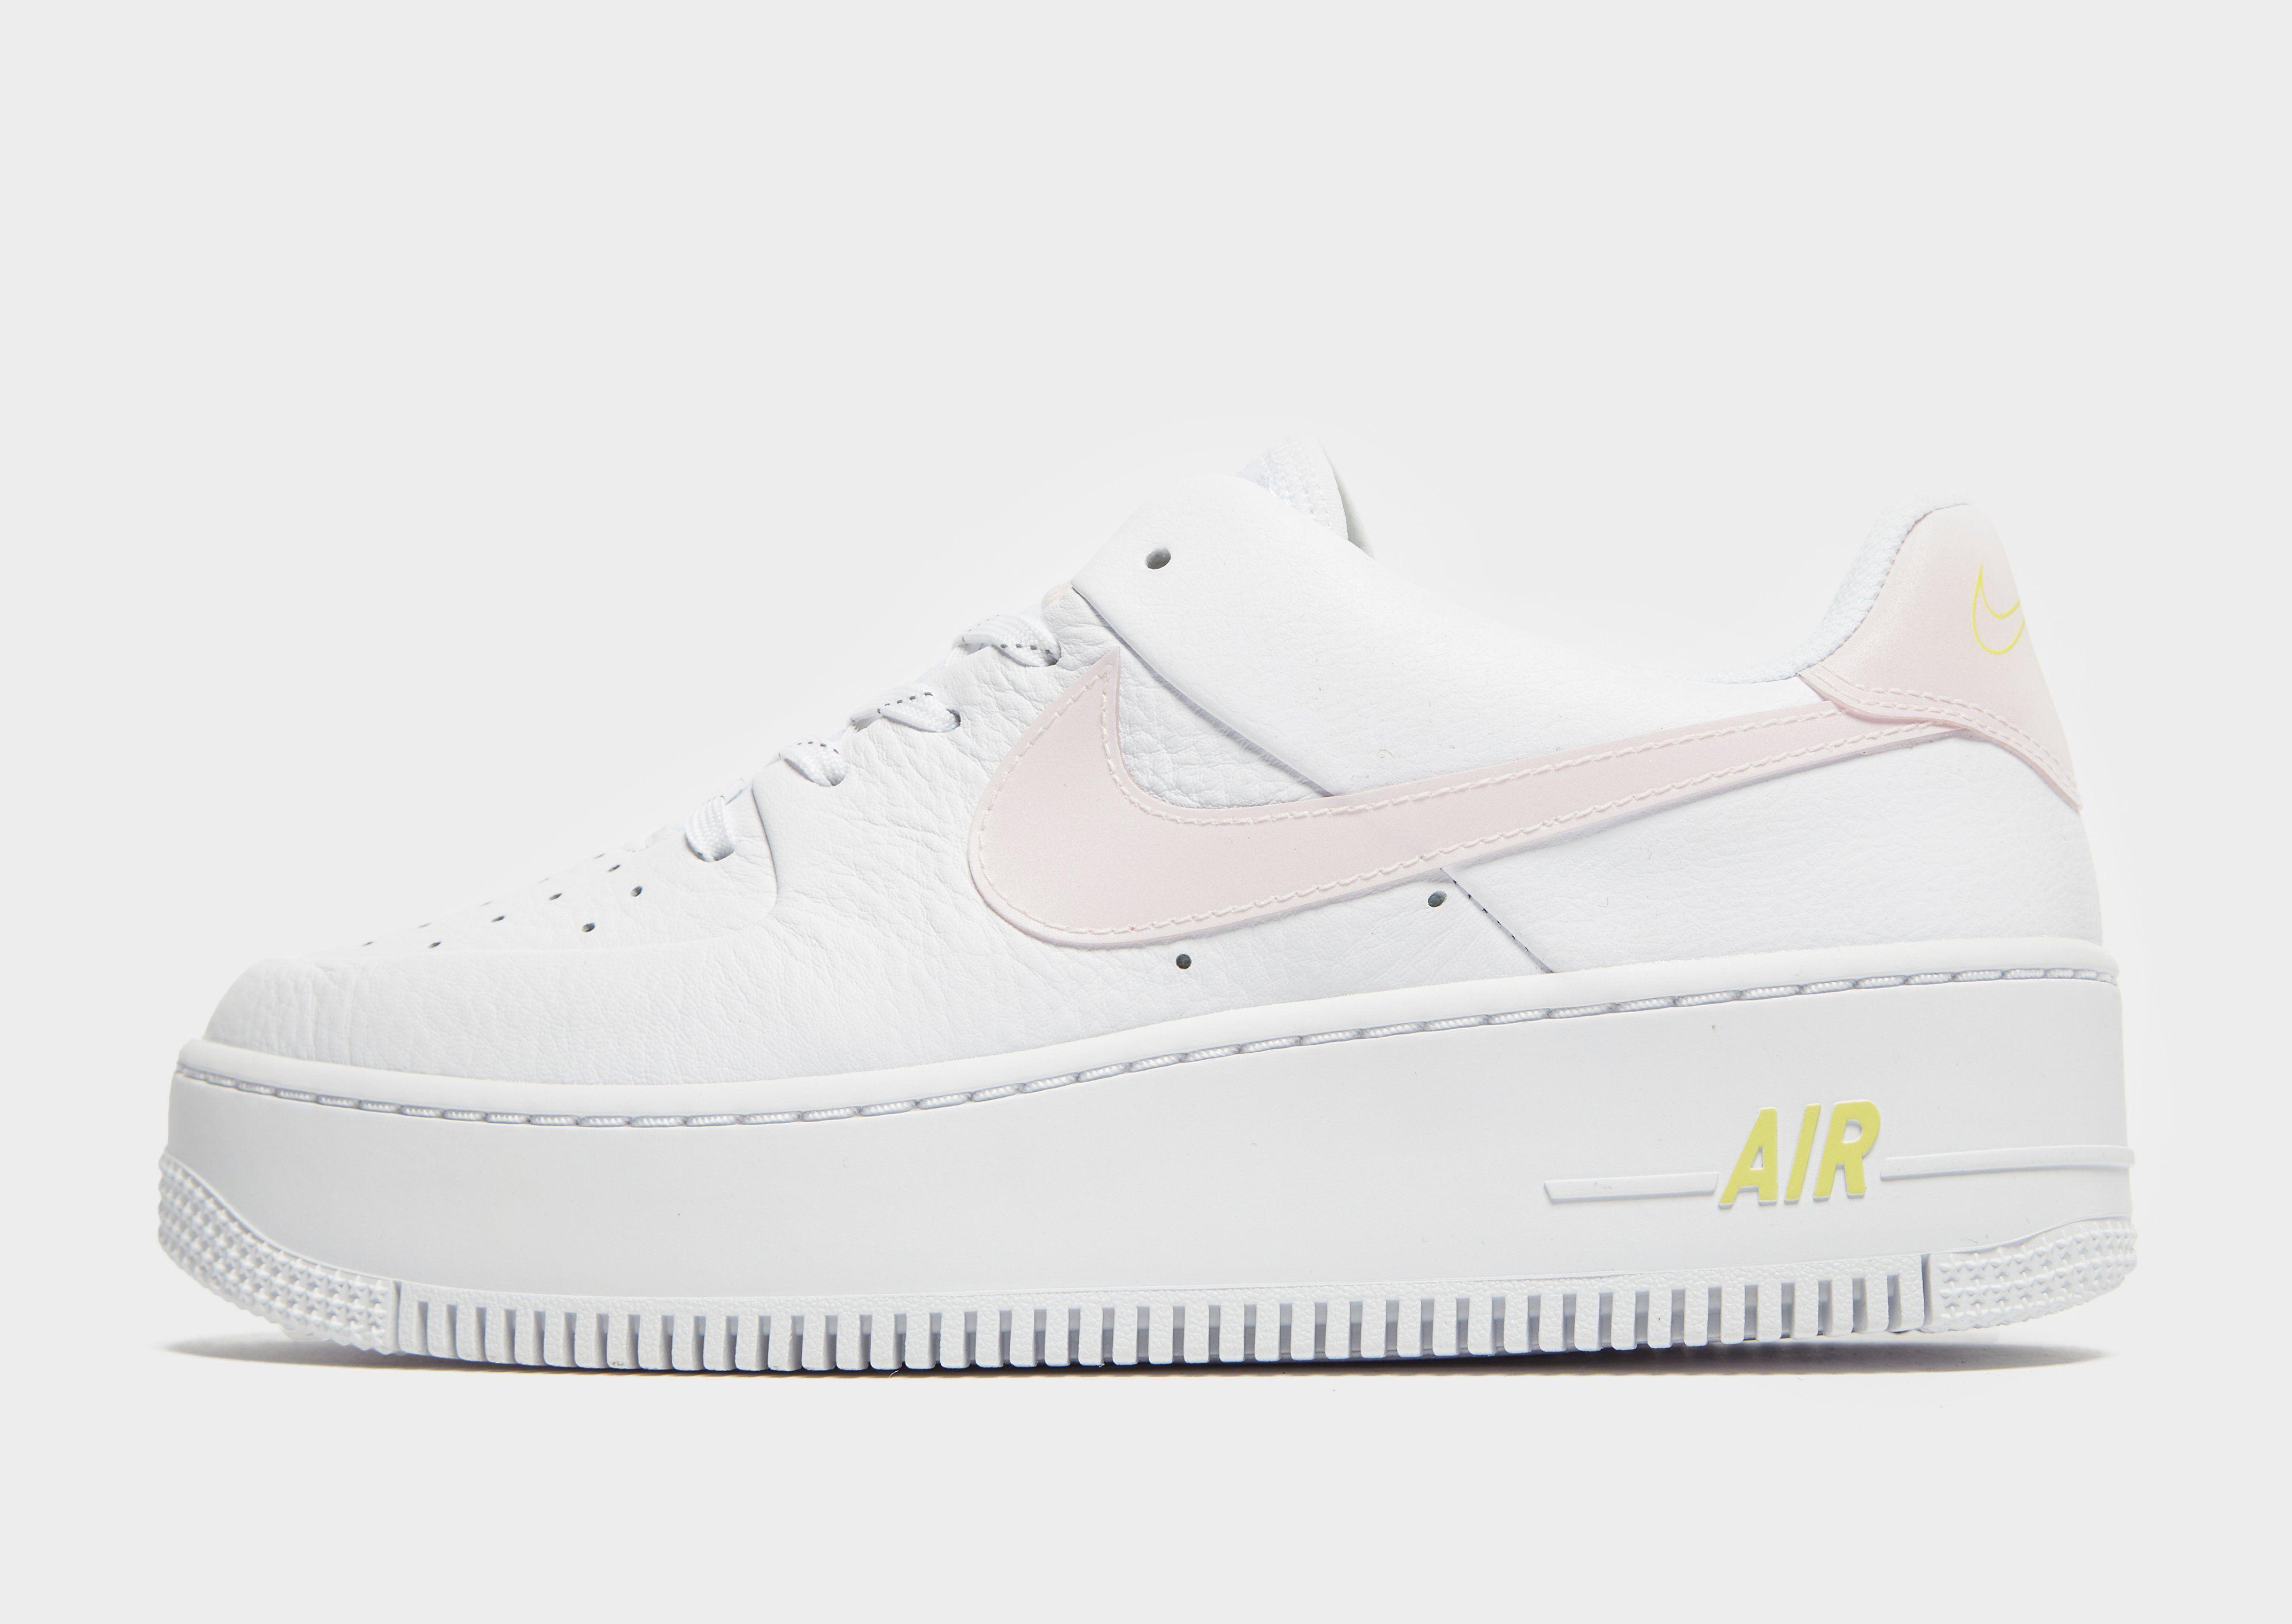 Sports Para MujerJd Nike Sage 1 Low Air Force pSVUGjLzMq